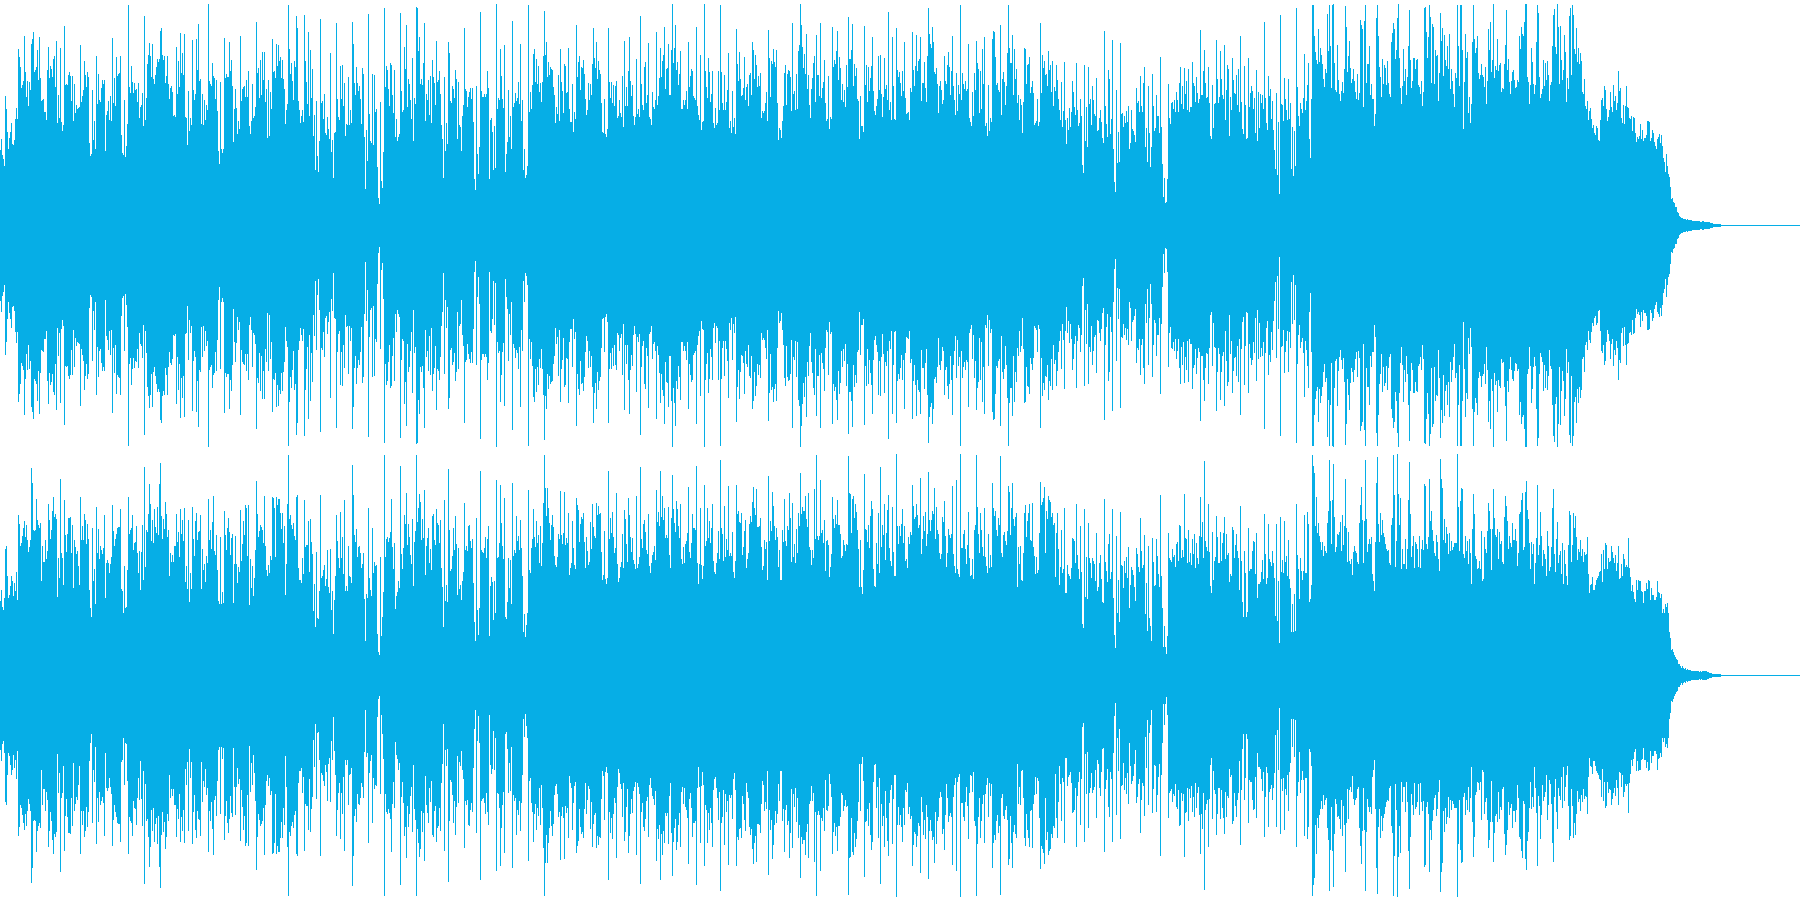 B'zのGt 松本孝弘 氏へ捧げた曲の再生済みの波形